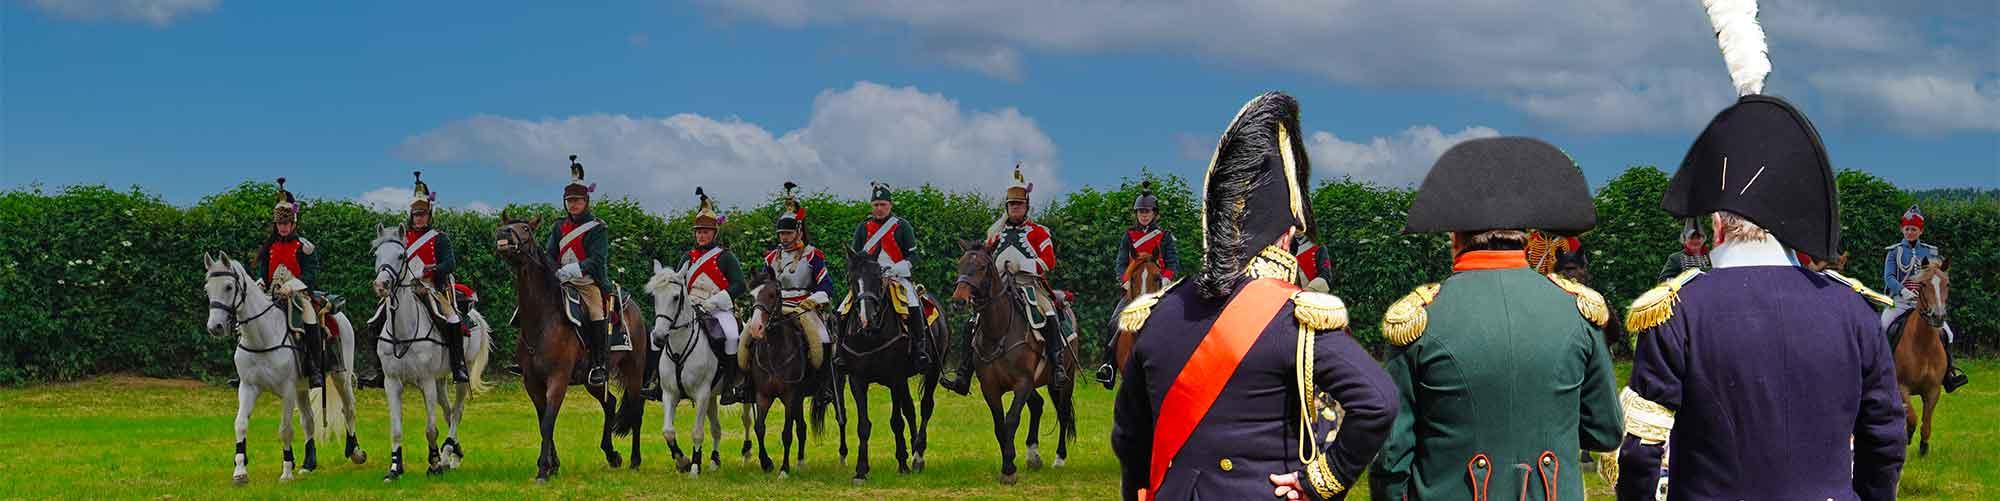 concours de cavalerie